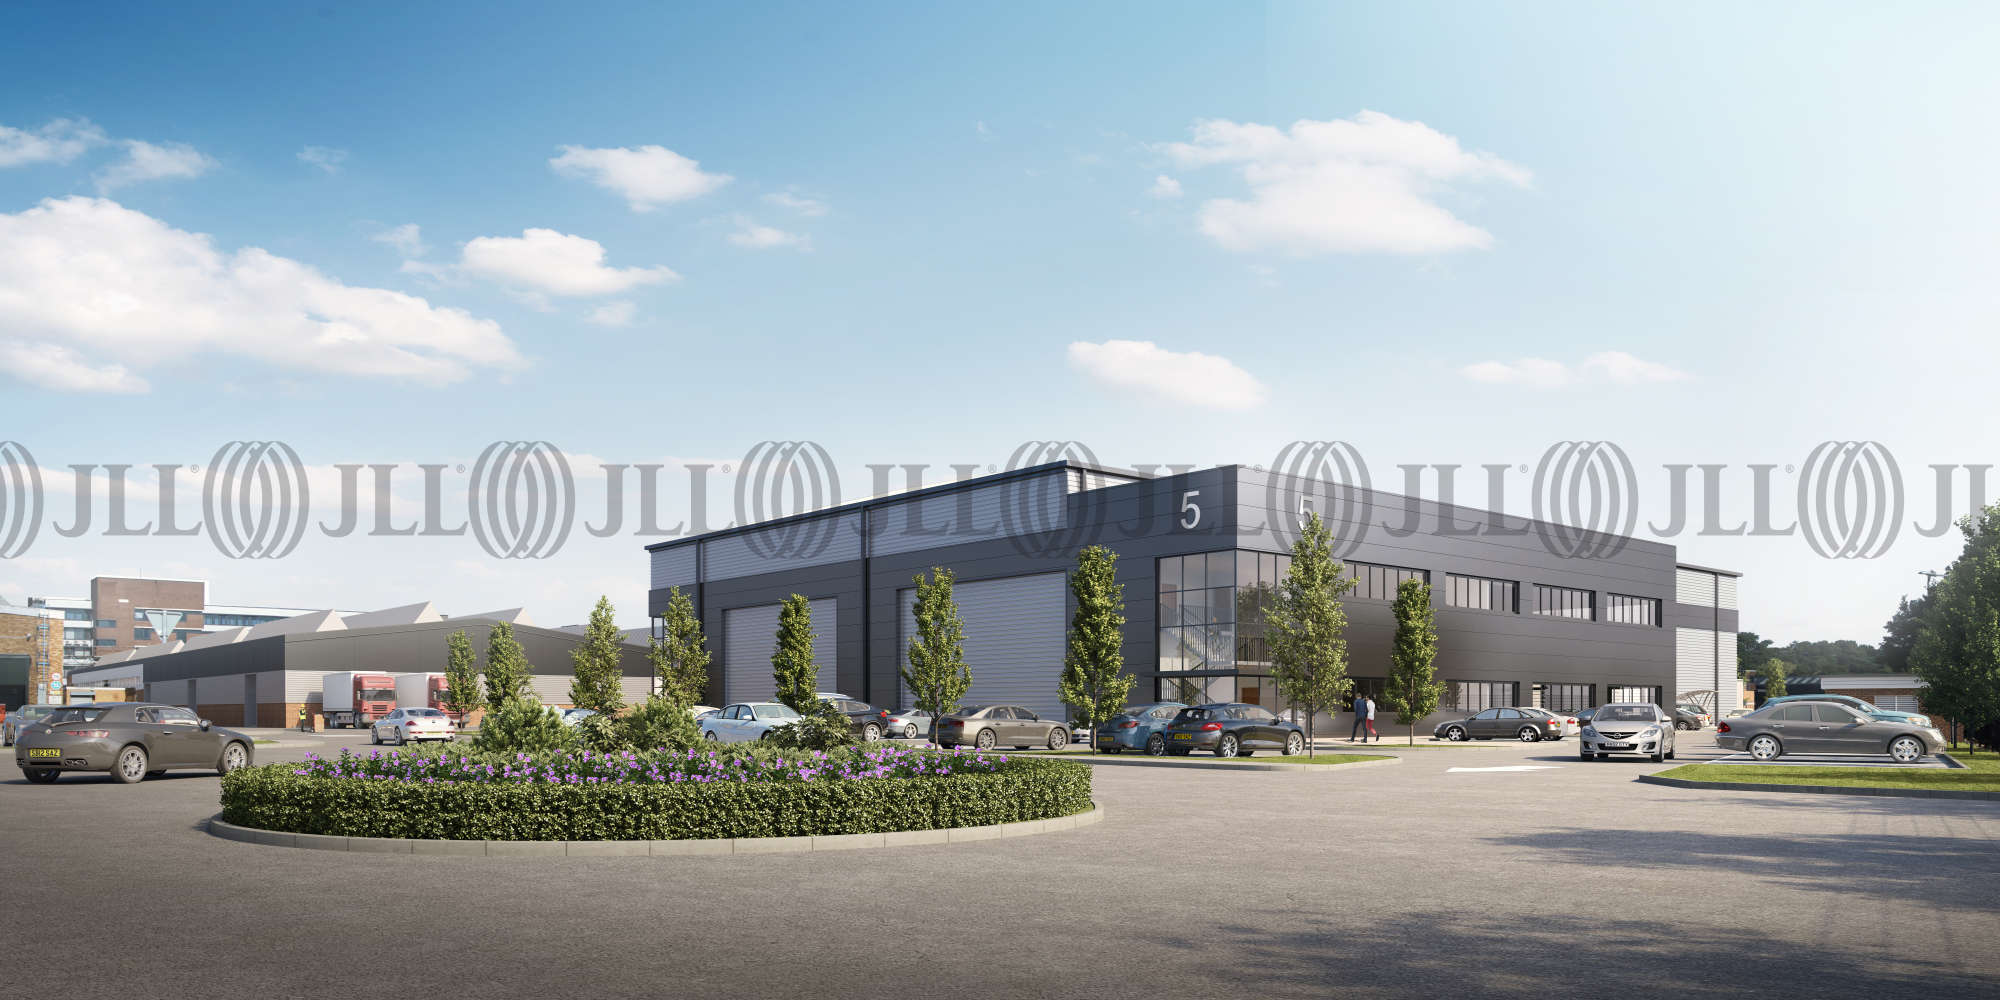 Industrial Poole, BH17 0LA - Unit 5 Fleets Corner Business Park - 02180821